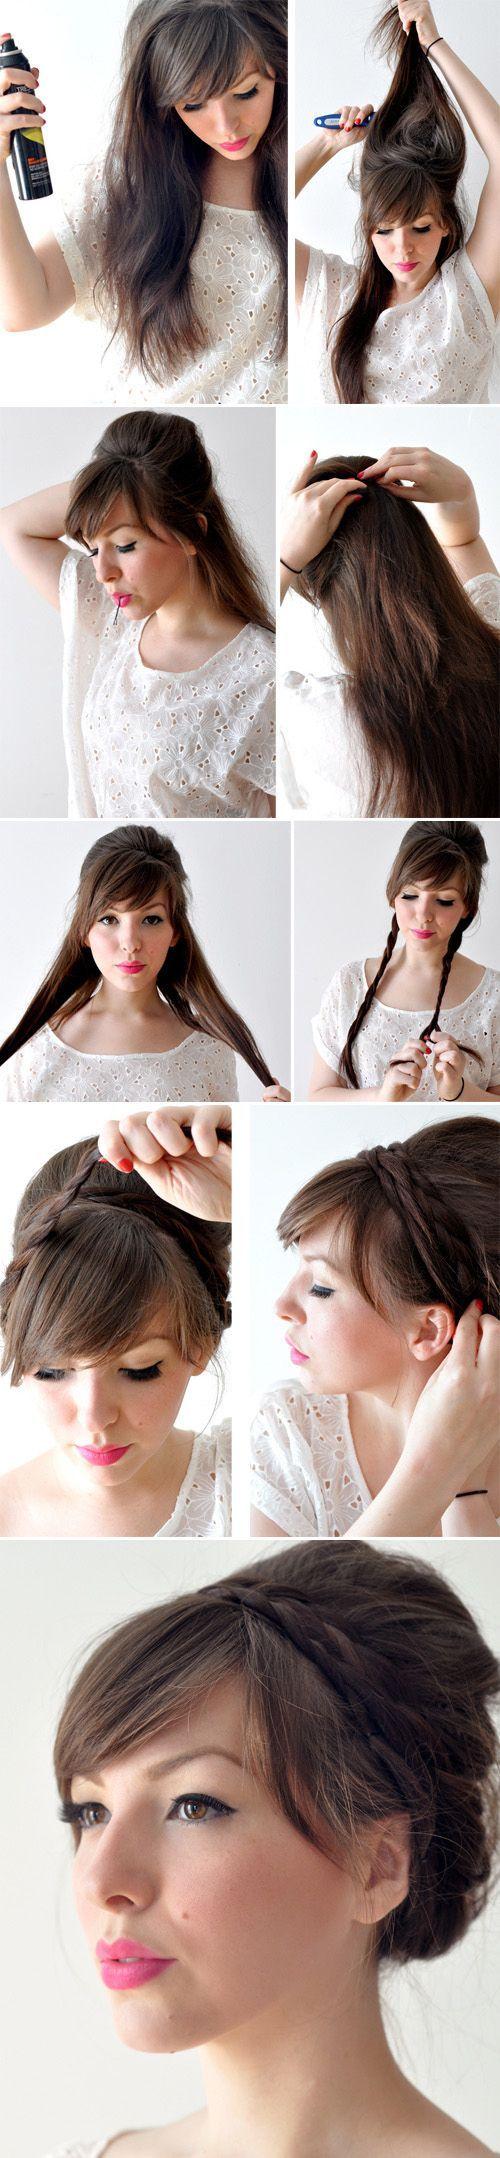 Причёски на средние волосы с челкой фото пошагово в